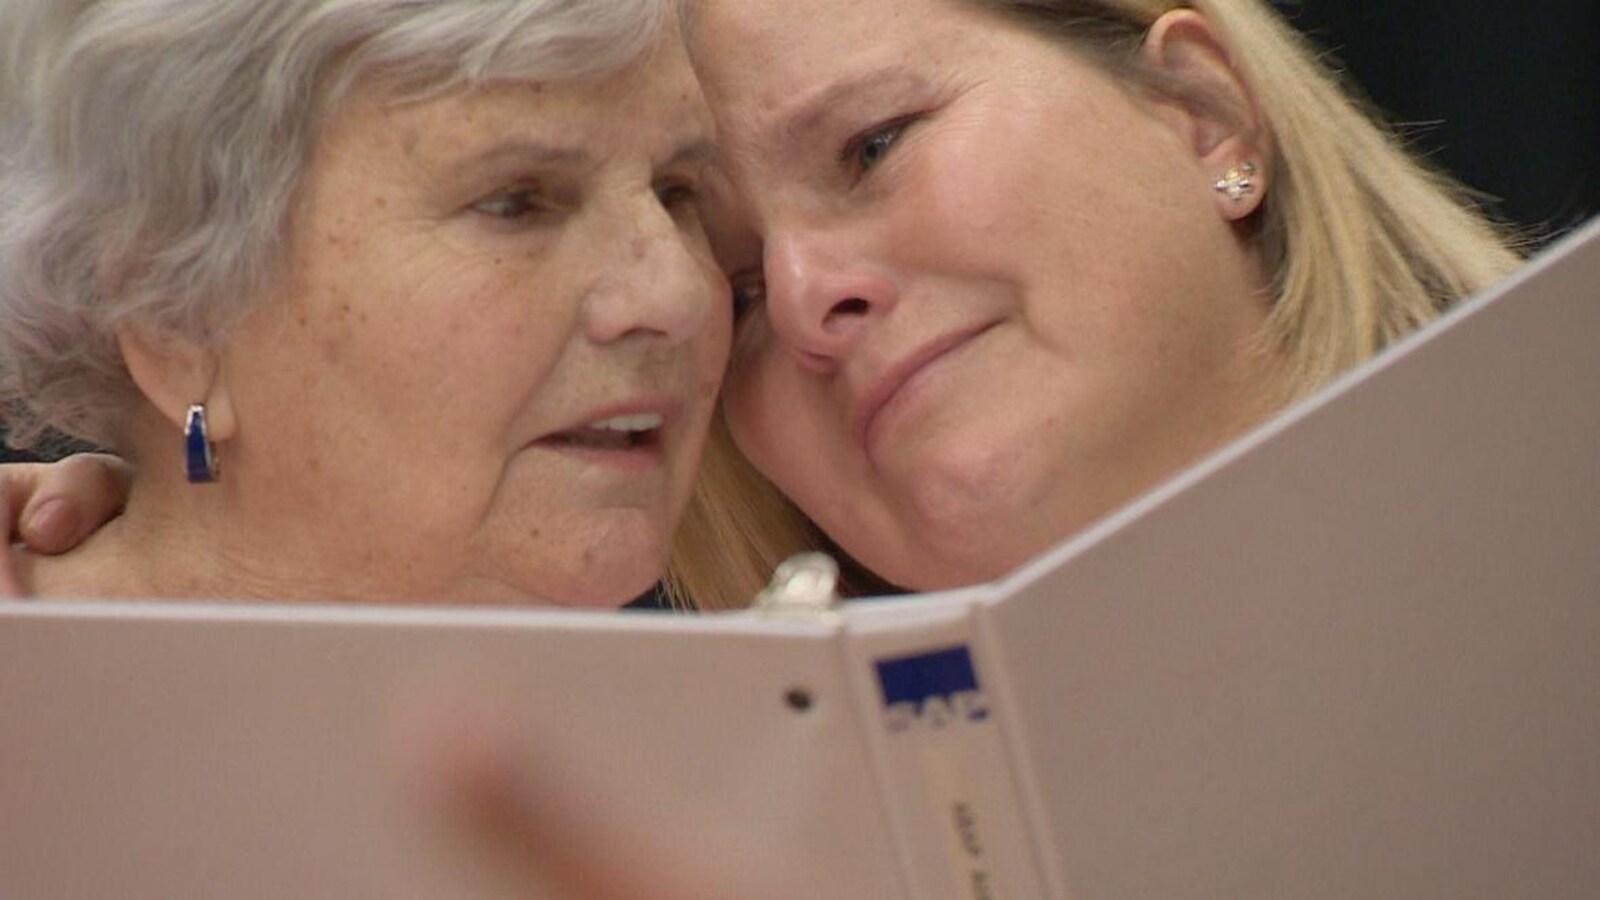 Hedy Luijkx et sa fille Cindy Johnson participent à la chorale pour personnes atteintes de la maladie d'Alzheimer.